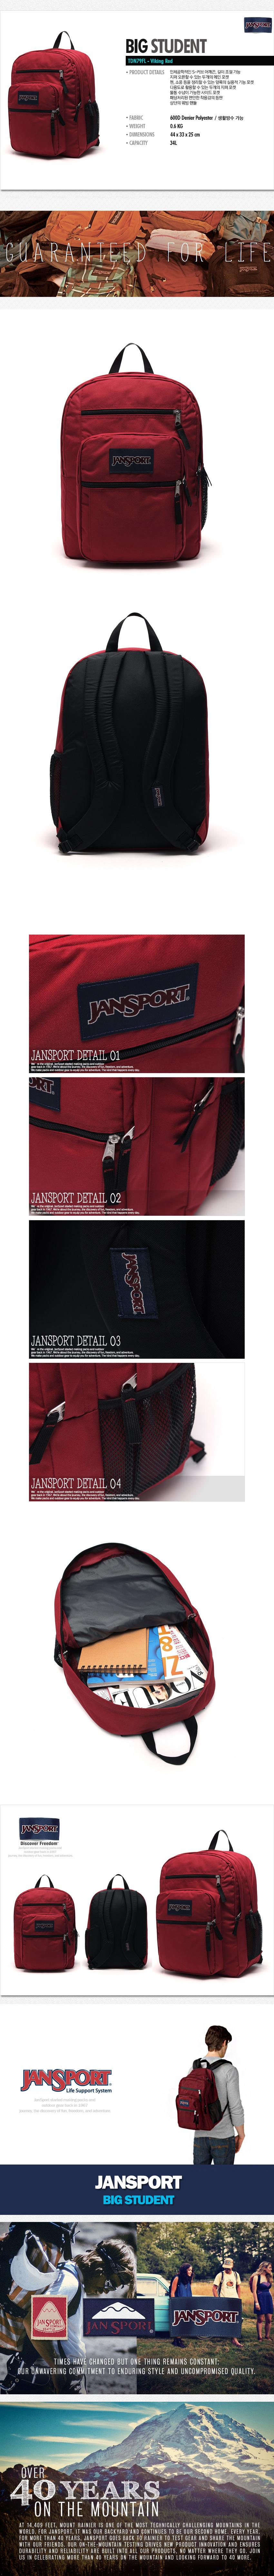 [잔스포츠]JANSPORT - 빅스튜던트 (TDN79FL - Viking Red) 잔스포츠코리아 정품 AS가능